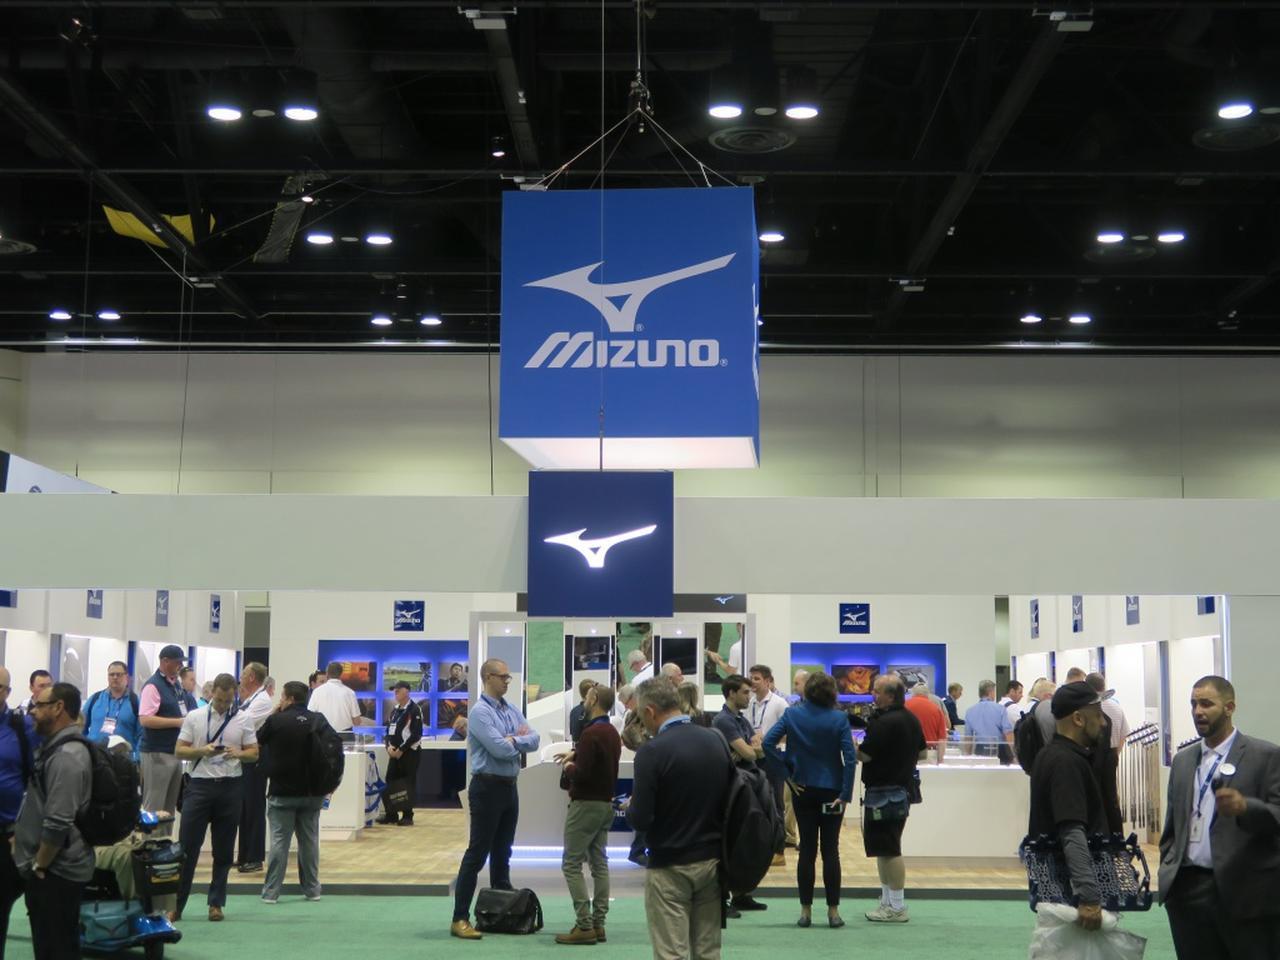 画像: 日本ブランドのミズノはアメリカでも多くのゴルファーが注目。アイアン、ドライバーともに人気